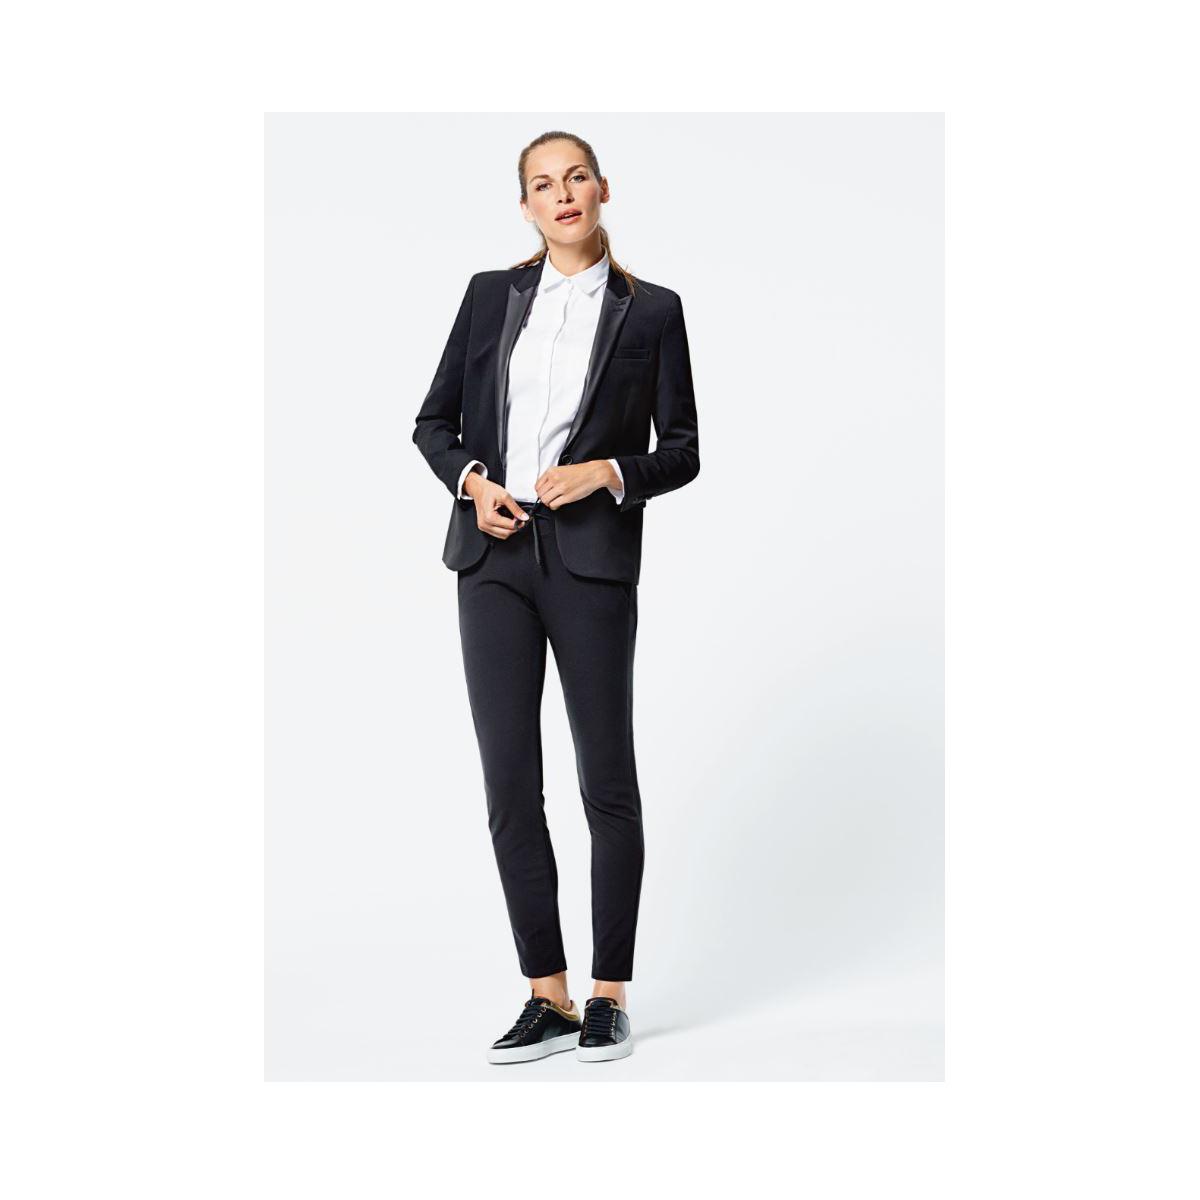 Bürooutfit Businesslook Damenanzug